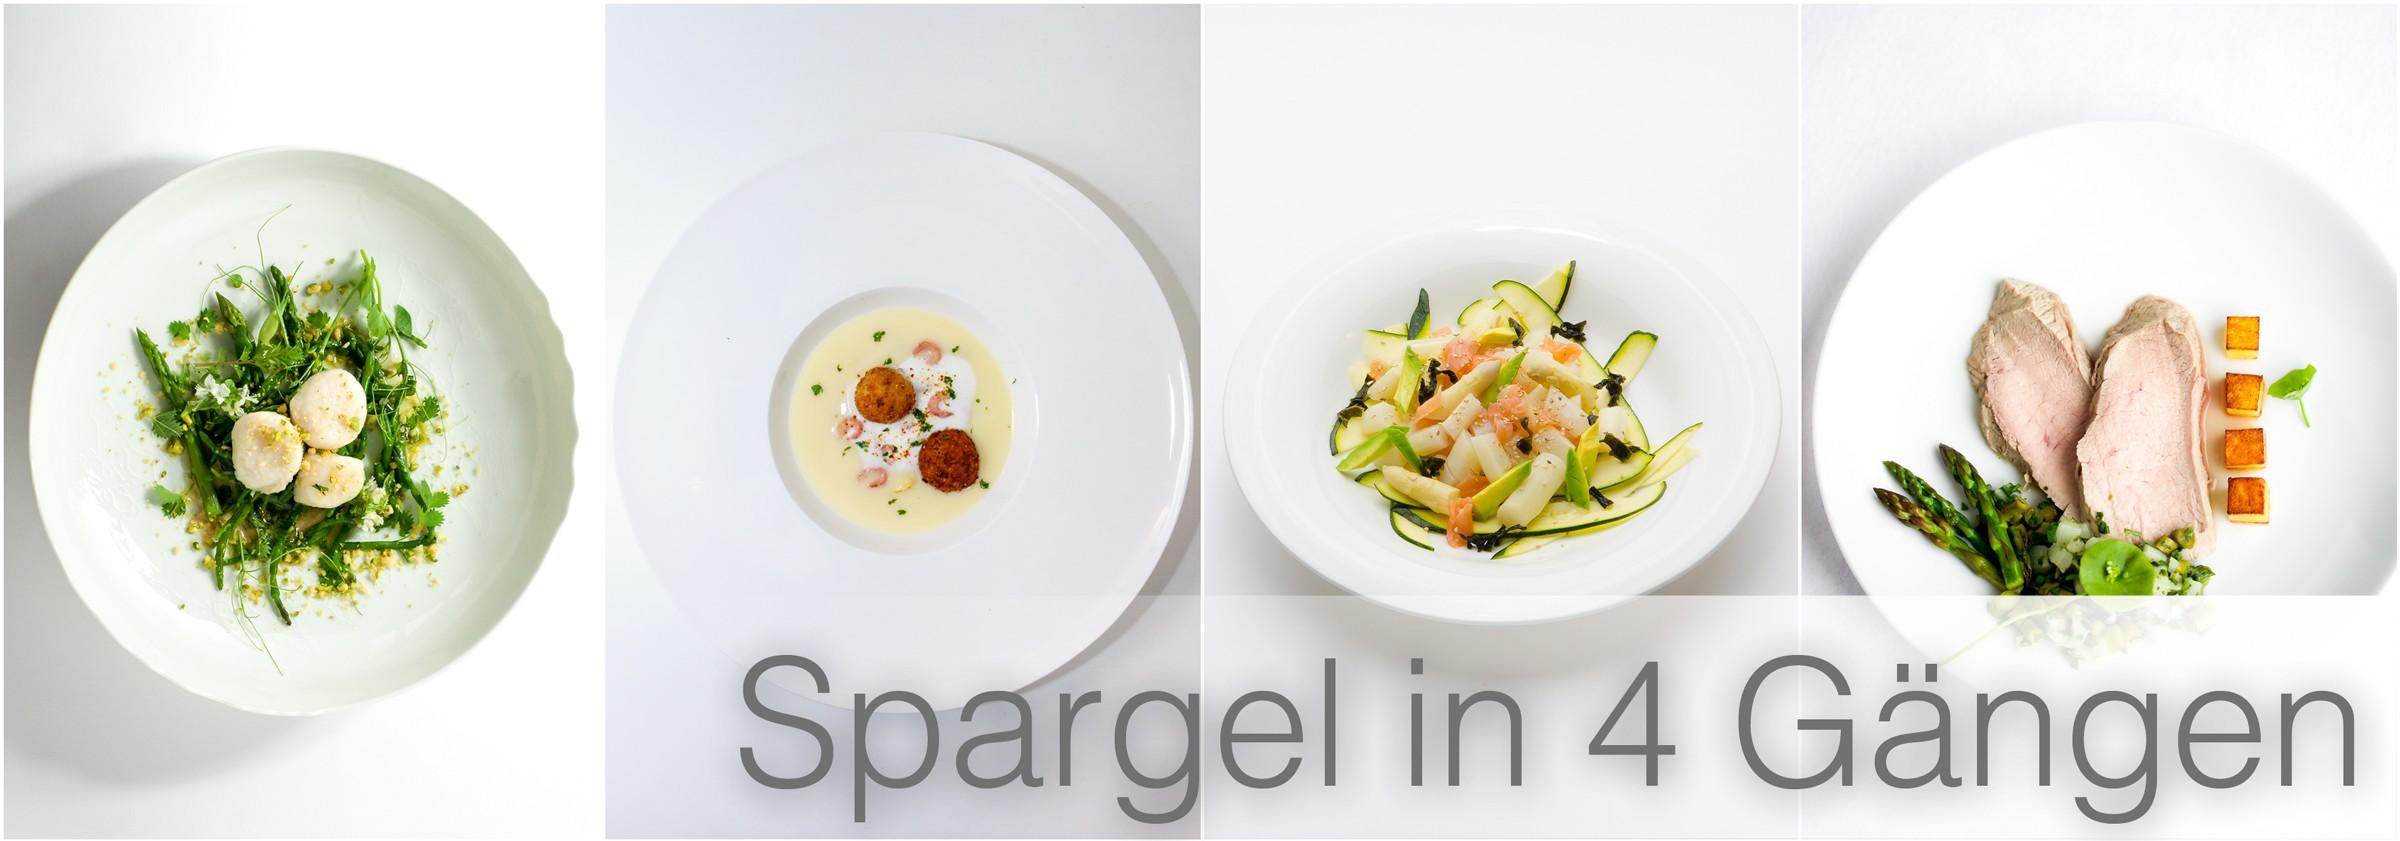 Spargel-in-4-Gängen-4